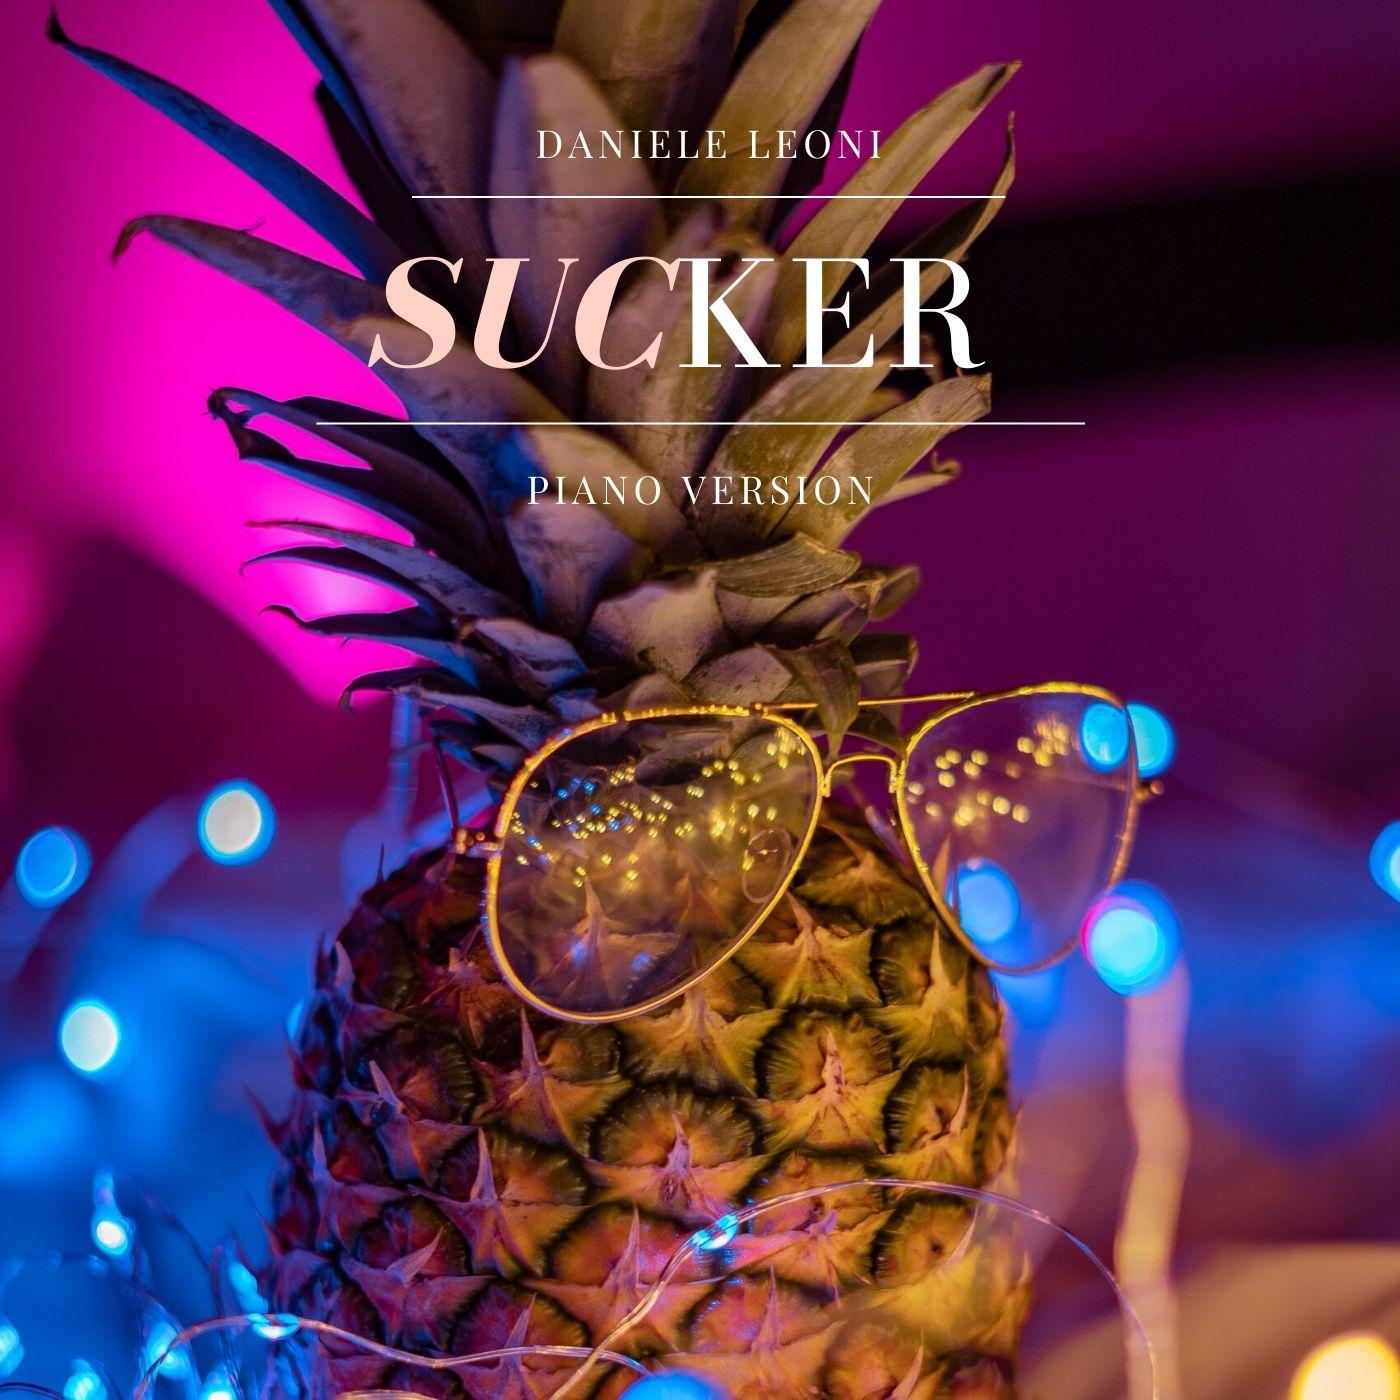 Sucker